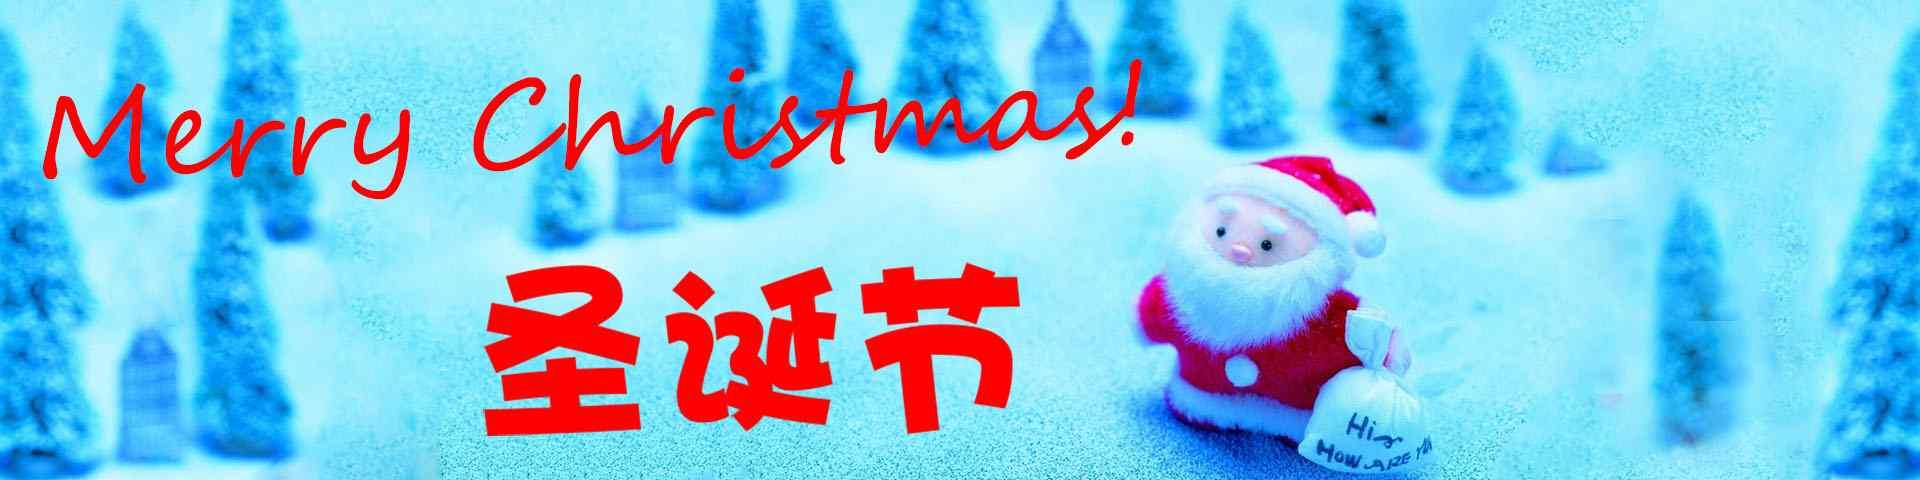 圣诞节_圣诞节图片_圣诞老人图片_圣诞树图片_圣诞节图片大全